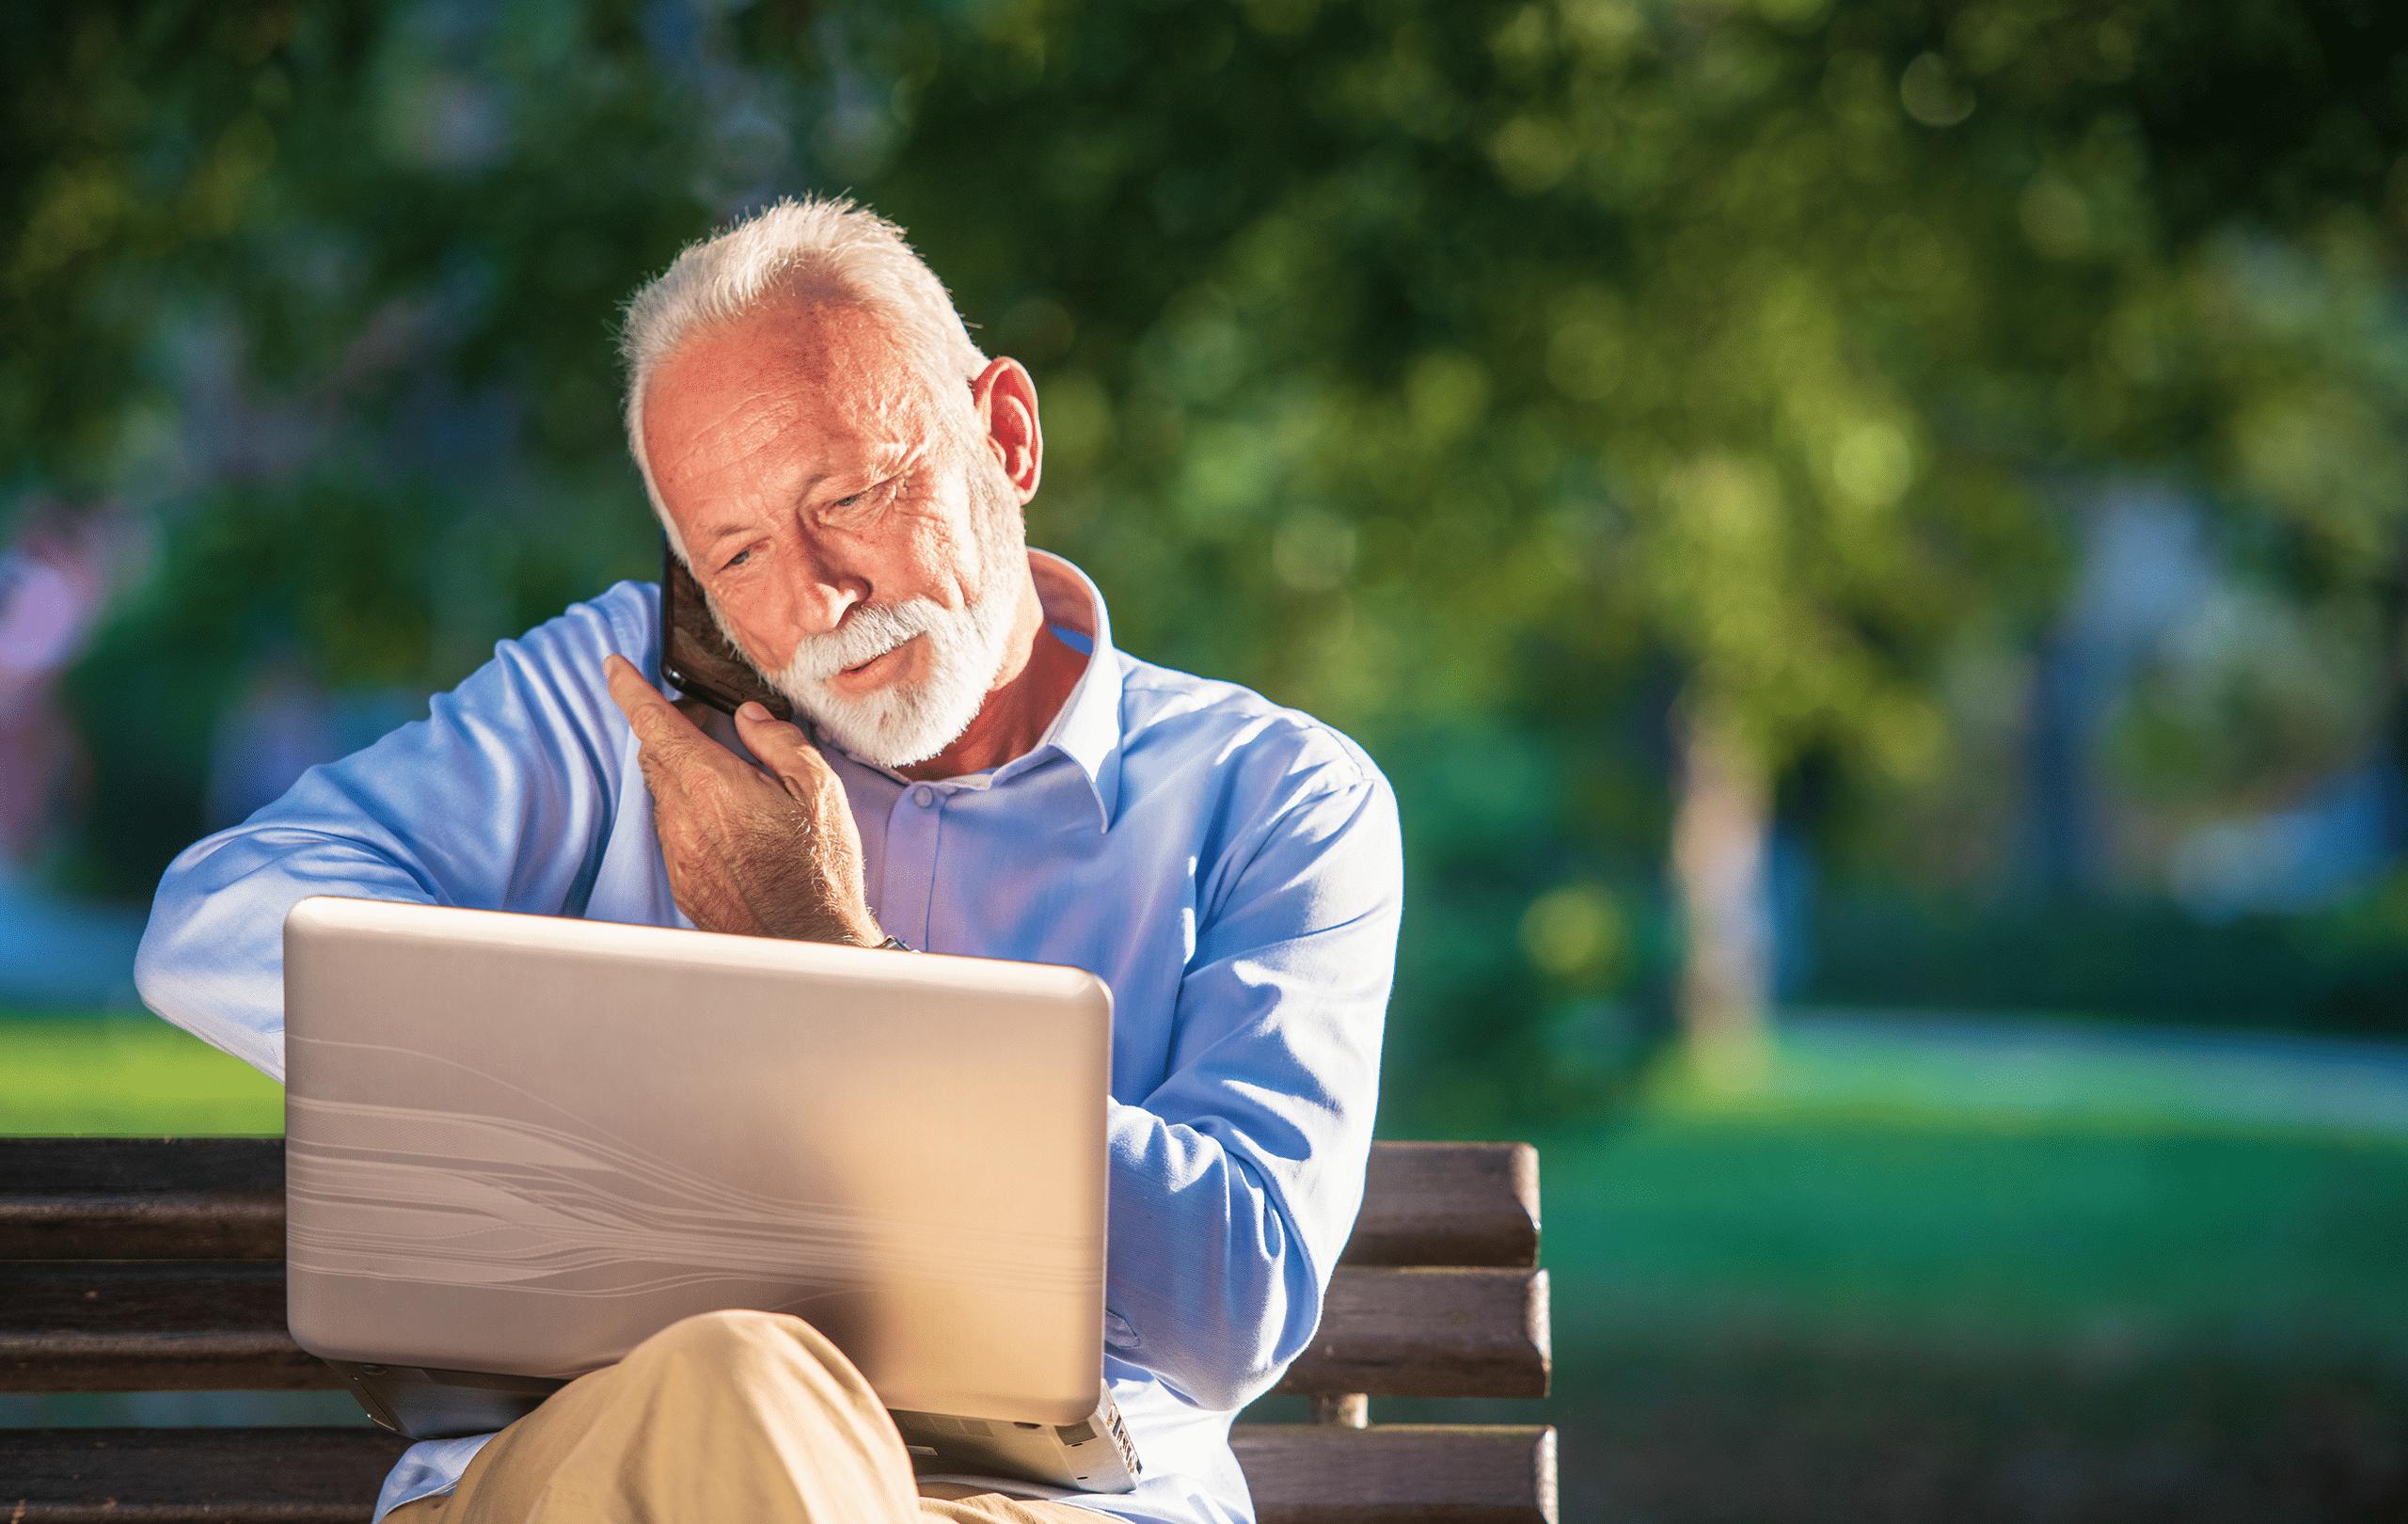 Älterer Herr sitzt auf Parkbank, telefoniert und hat Laptop auf den Knien